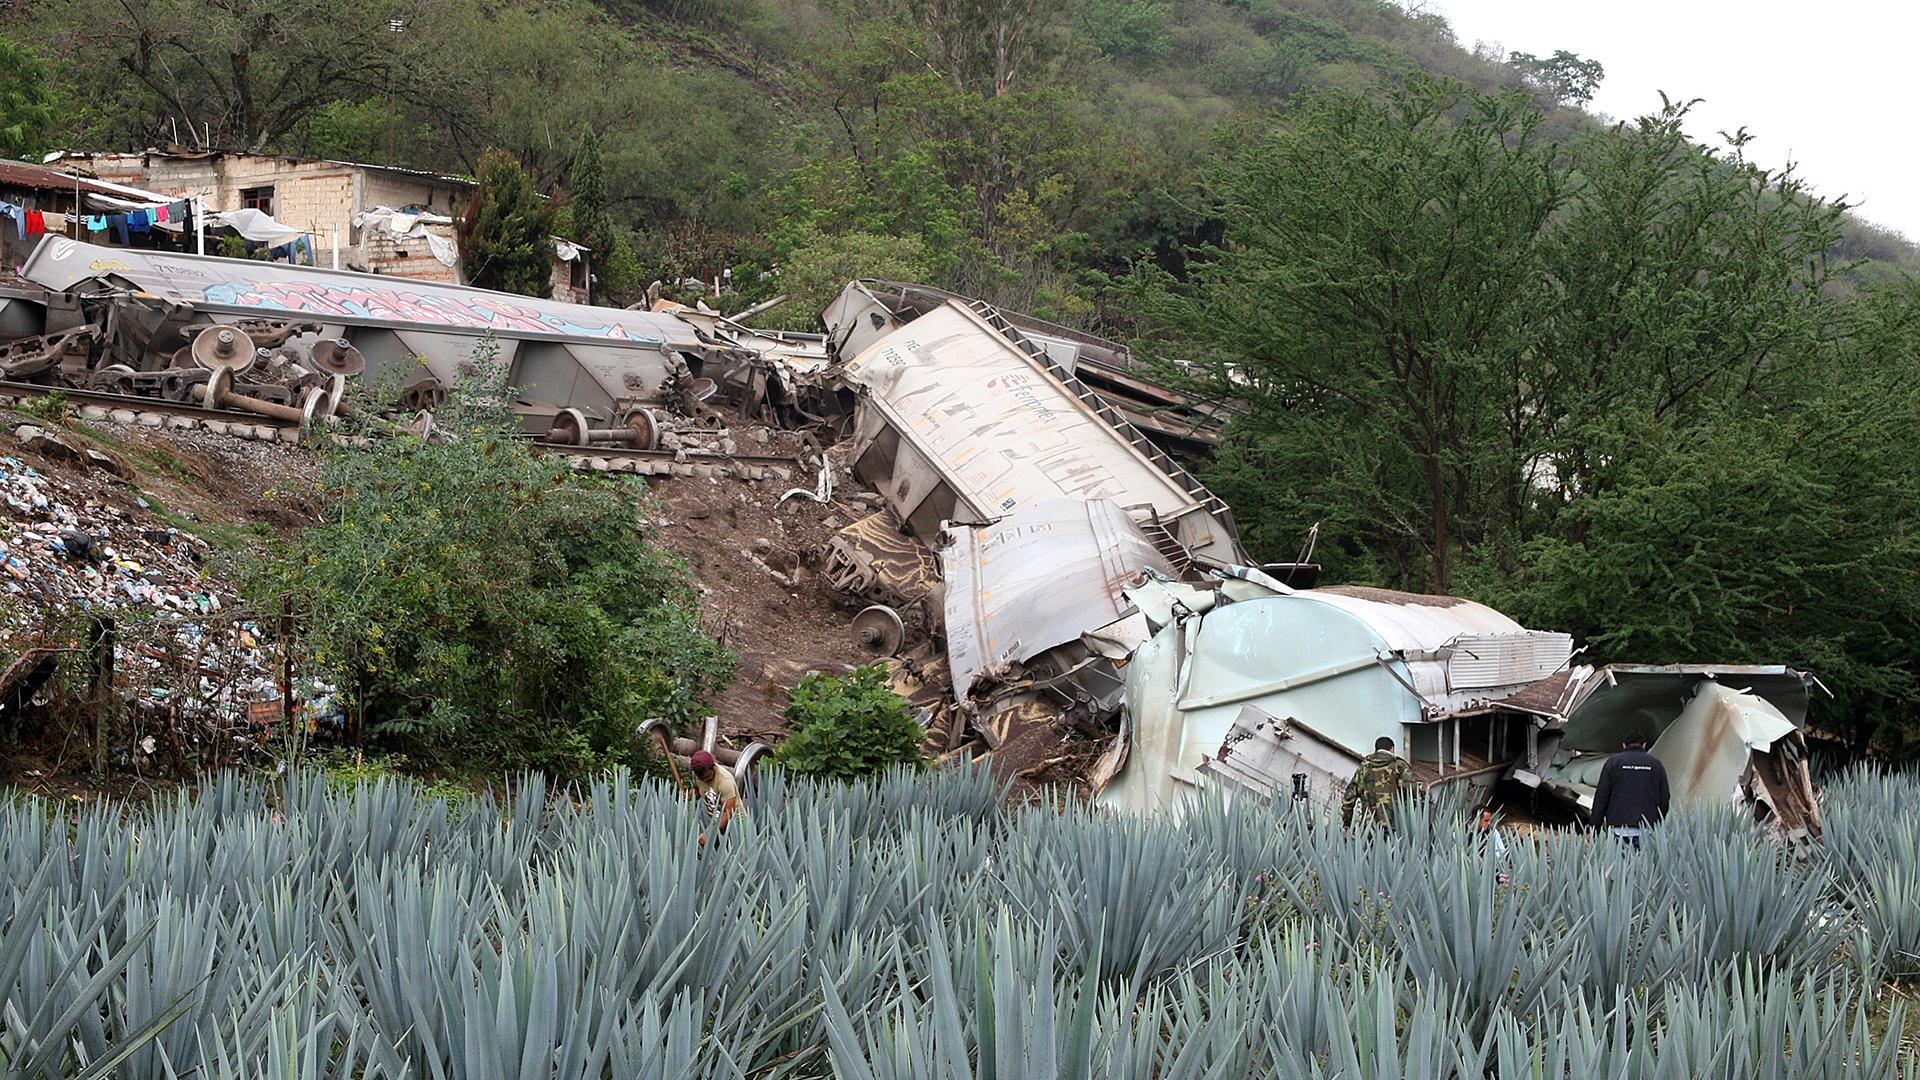 Tren descarrila en Jalisco y golpea casas; hay un muerto y tres heridos